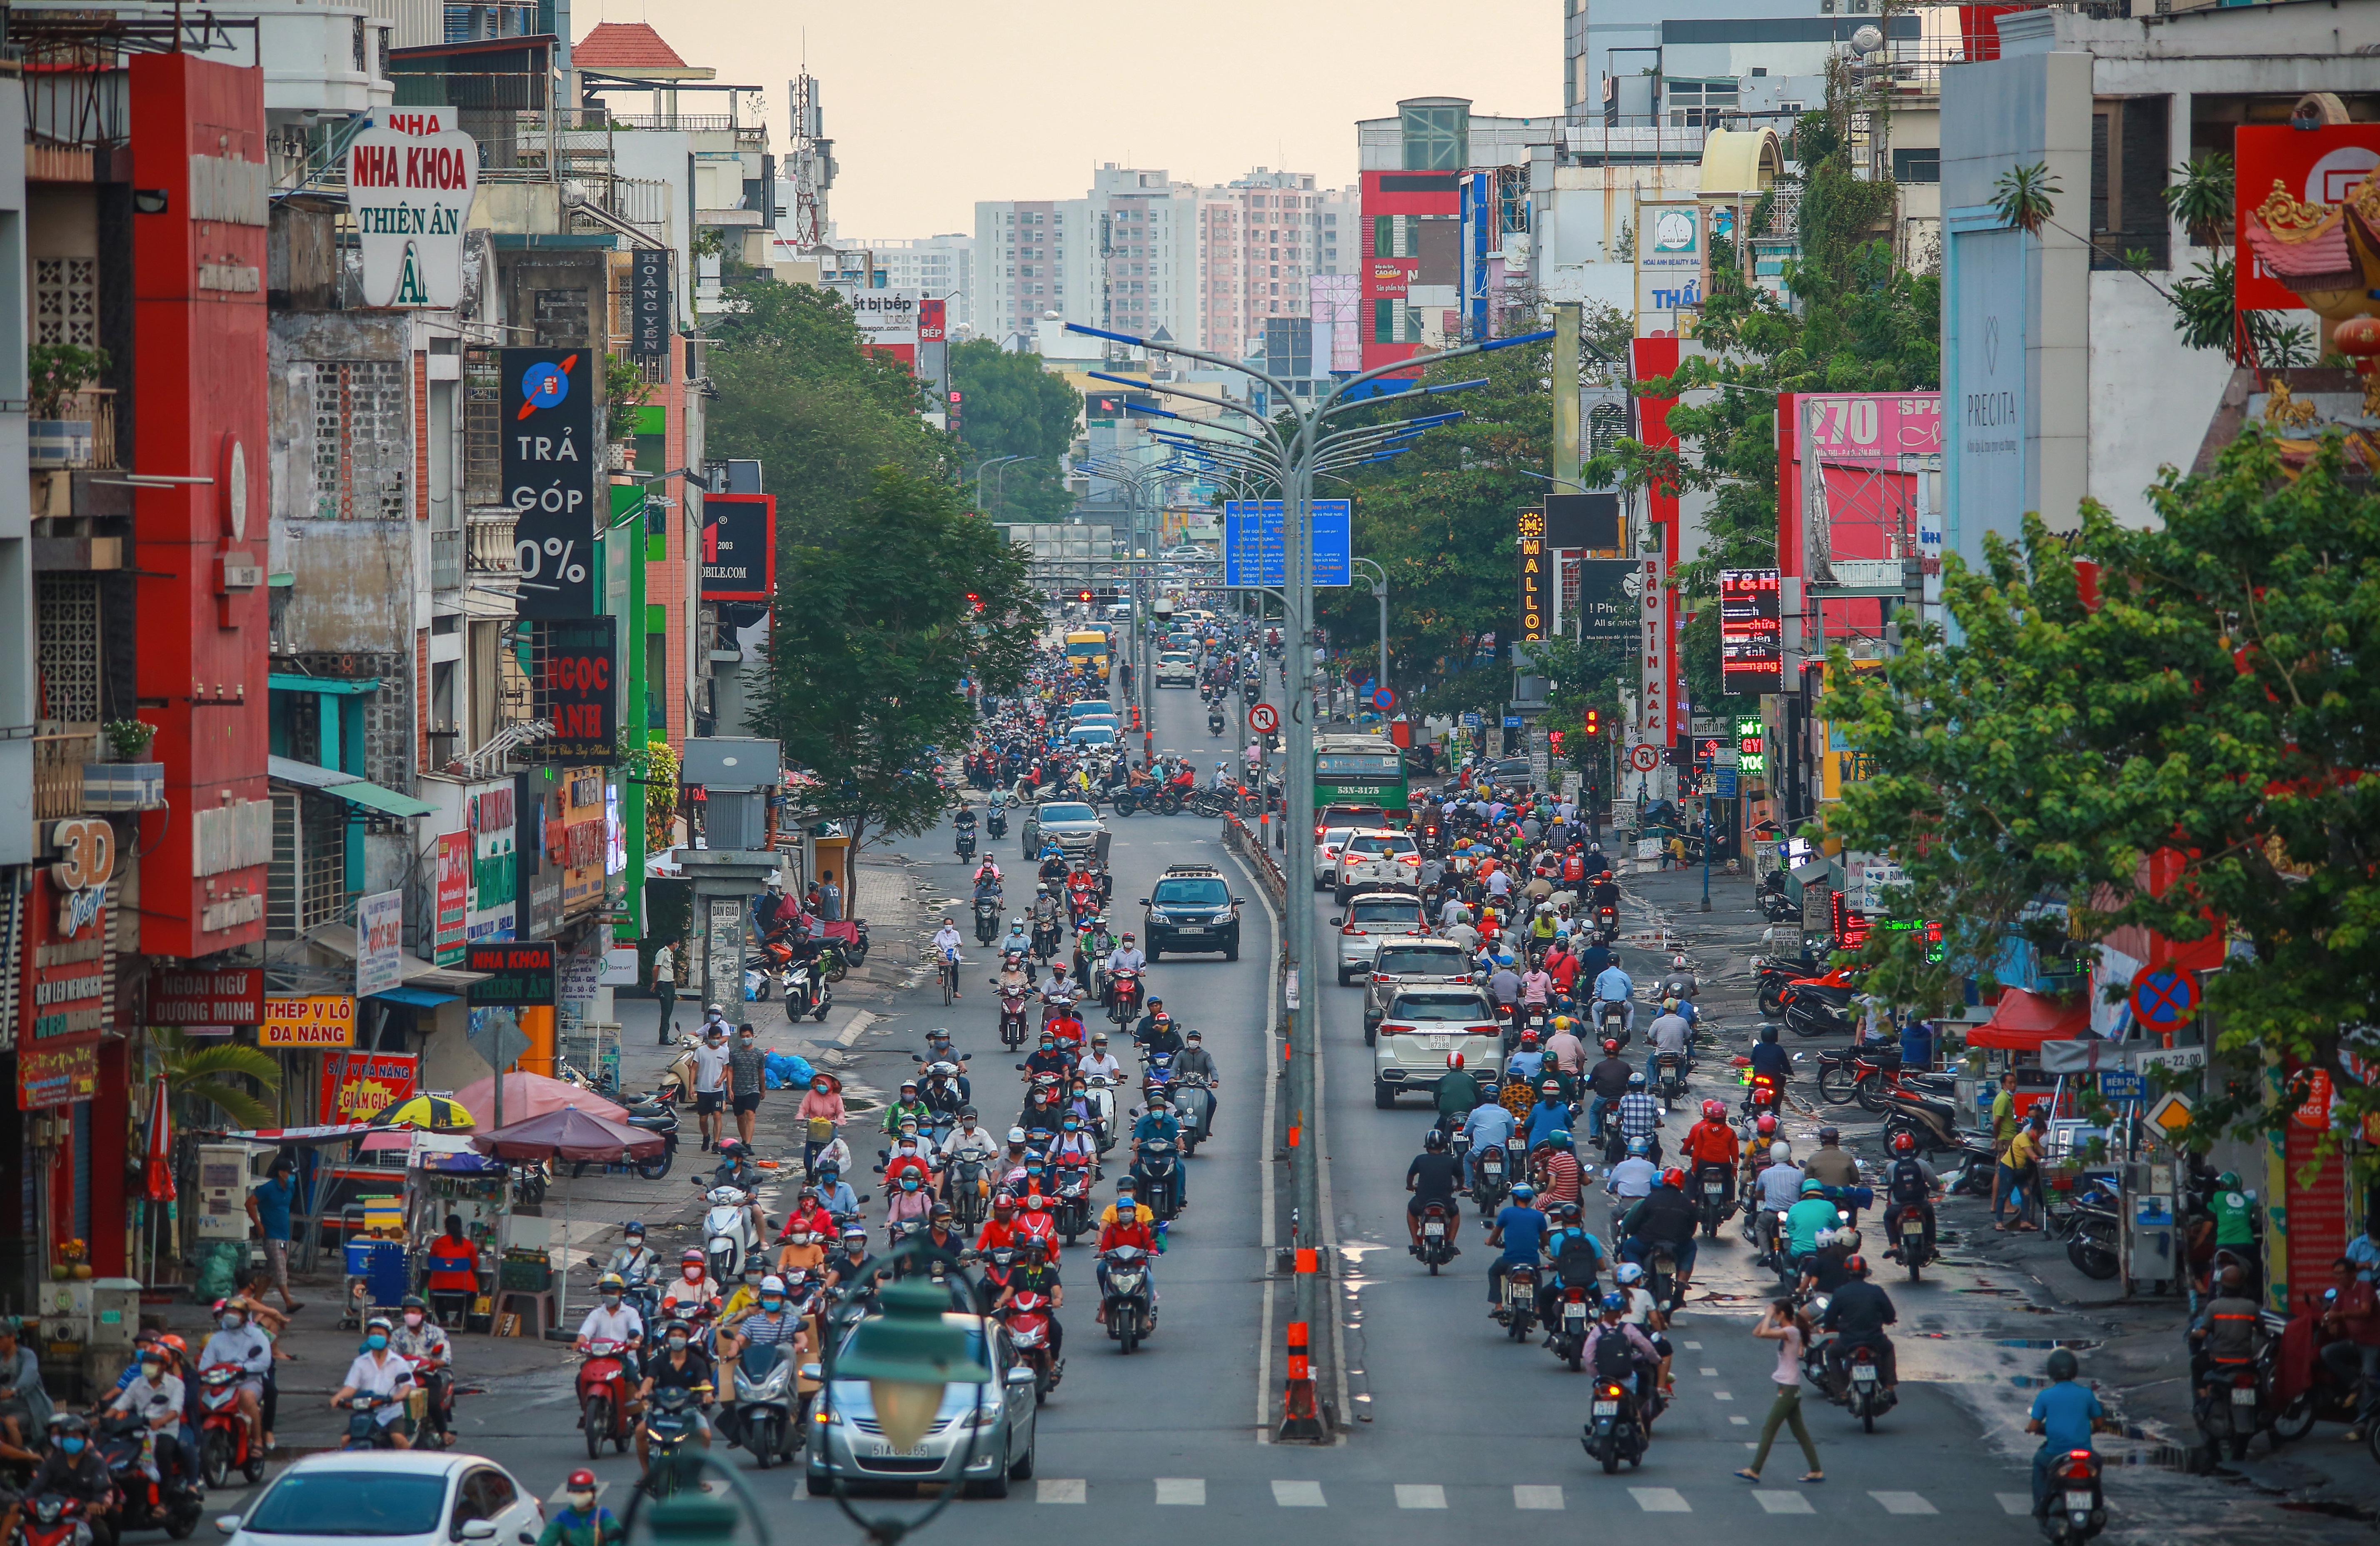 Sài Gòn đông đúc khi sắp kết thúc đợt cách ly toàn xã hội 14 ngày - Ảnh 5.